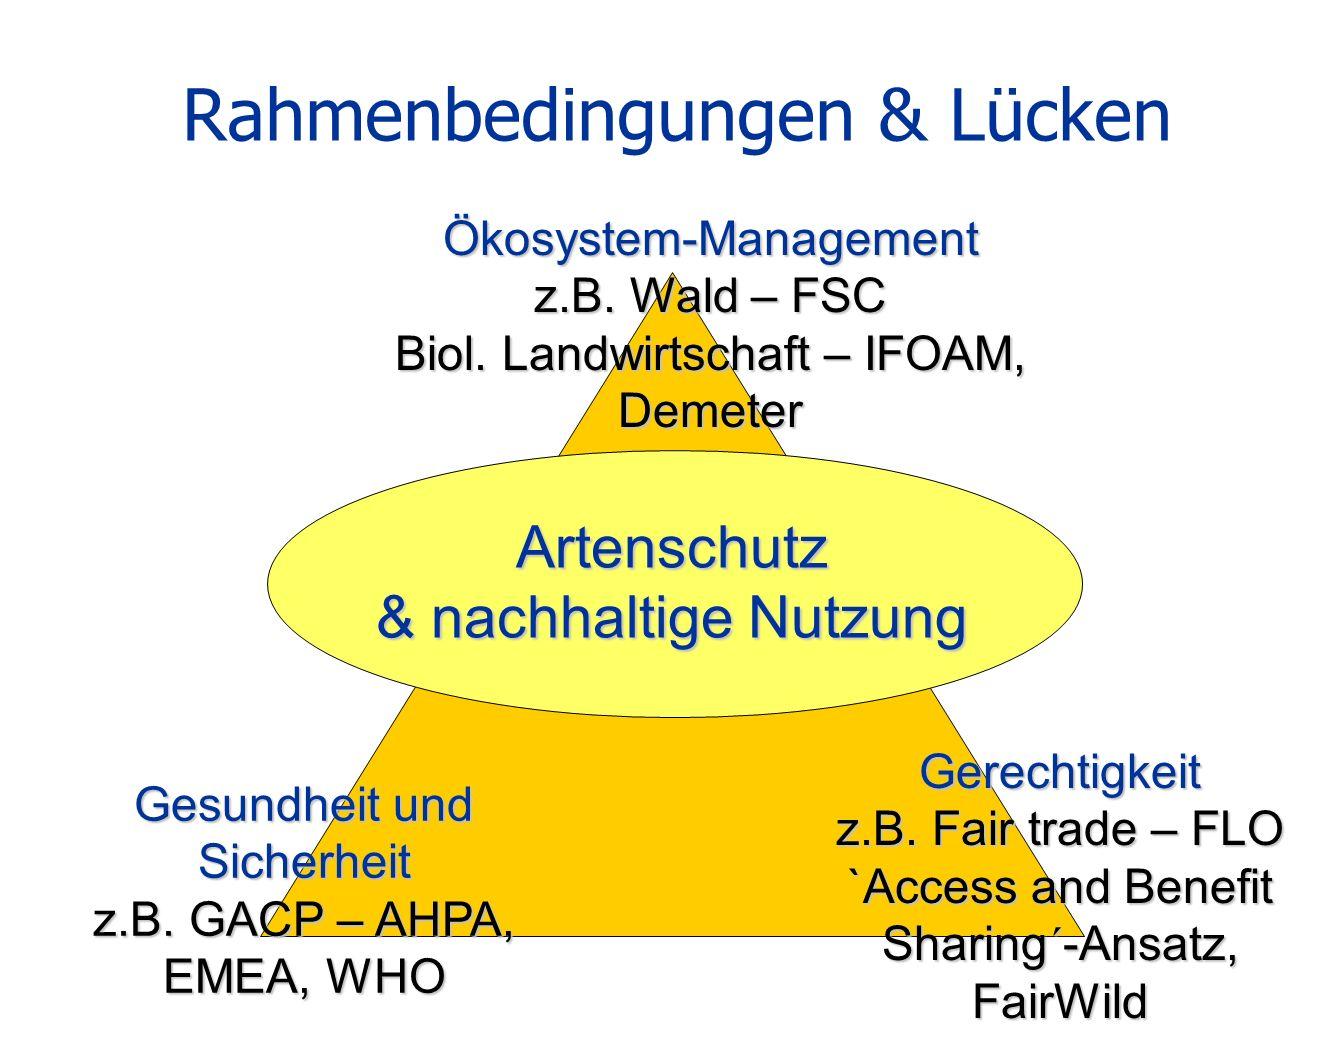 Rahmenbedingungen & Lücken Ökosystem-Management z.B. Wald – FSC Biol. Landwirtschaft – IFOAM, Demeter Gesundheit und Sicherheit z.B. GACP – AHPA, EMEA